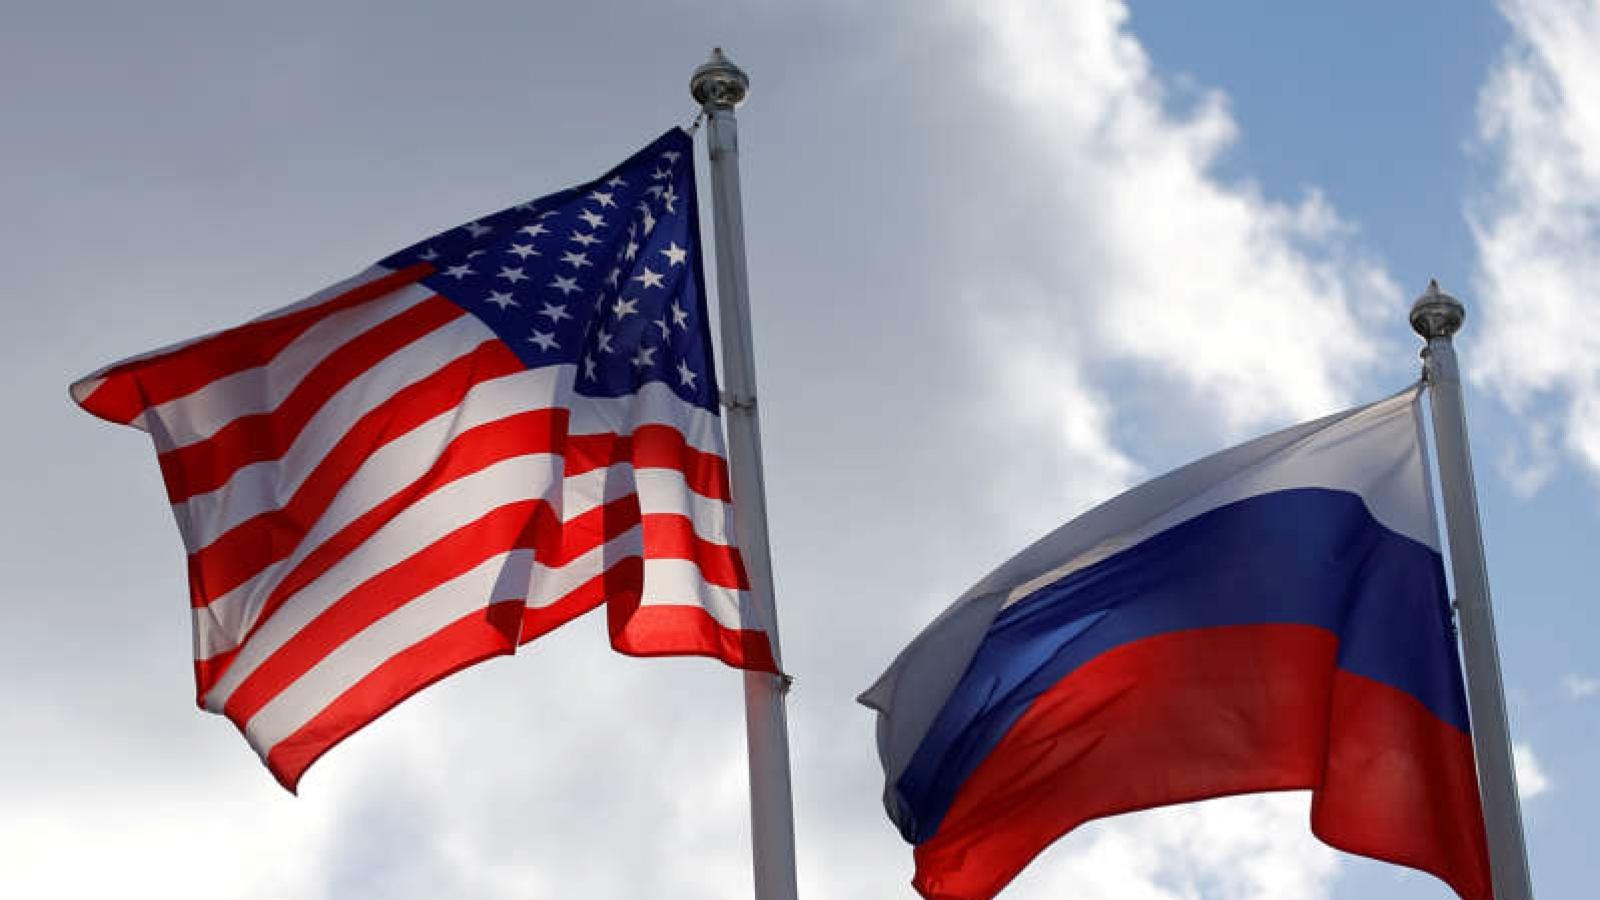 Phản ứng của Nga sau khi Mỹ từ chối tái gia nhập Hiệp ước Bầu trời Mở